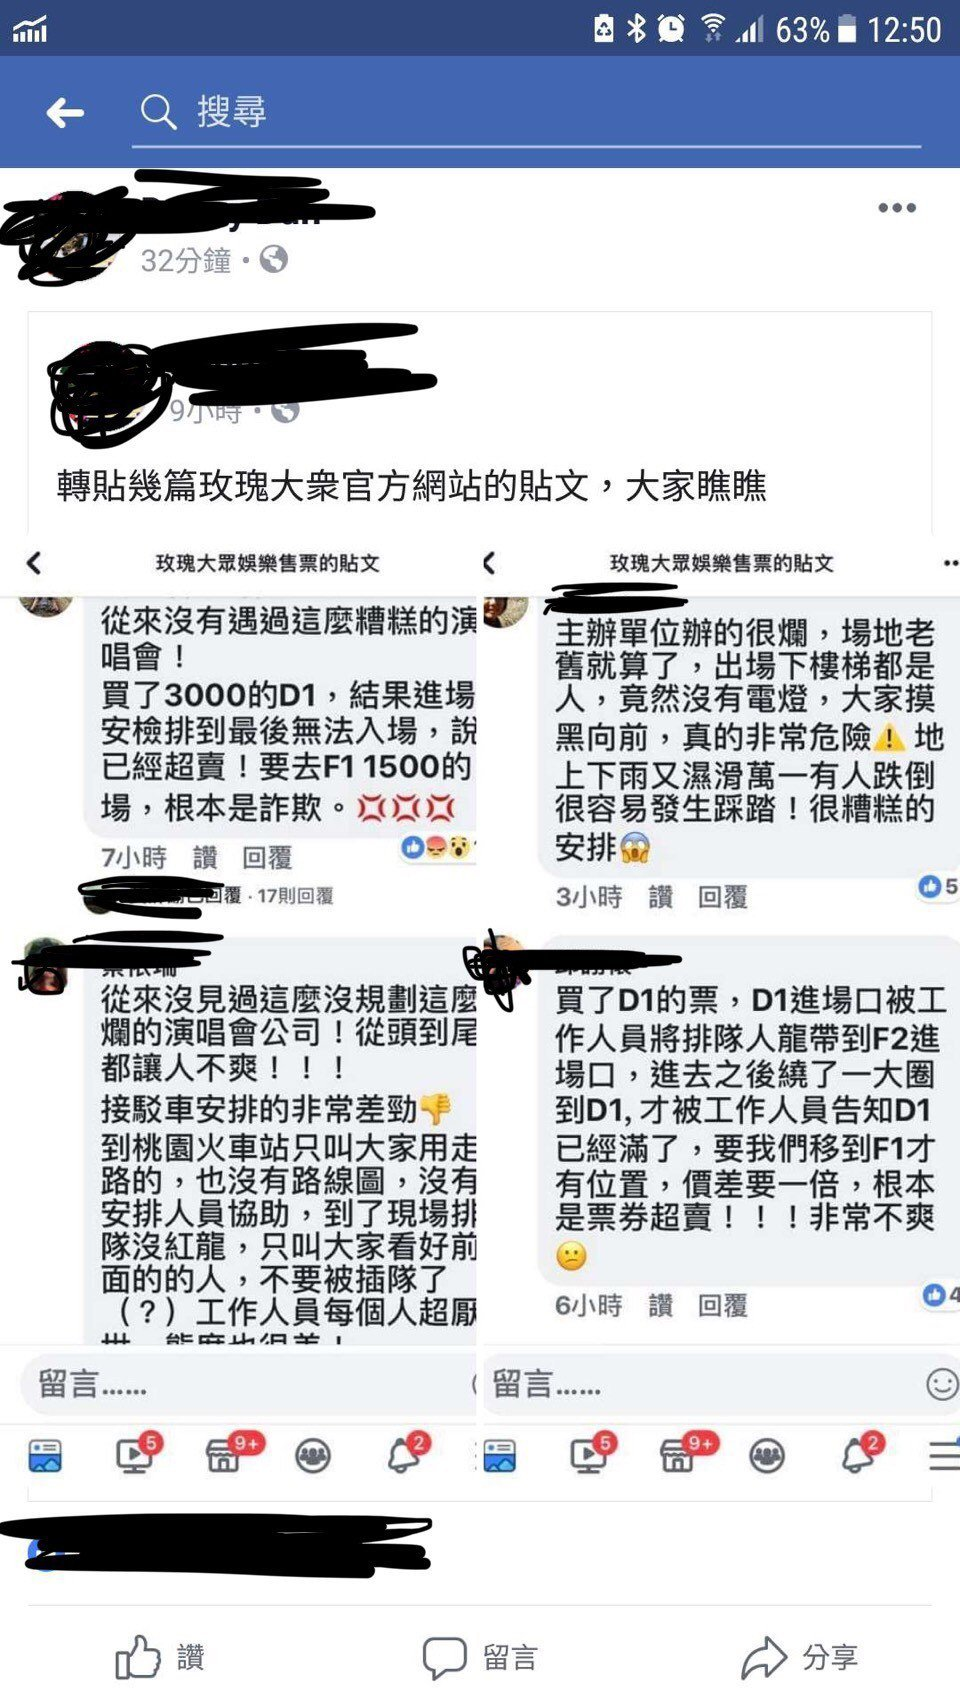 讀者報料紅髮艾德演唱會票超賣。圖/摘自臉書